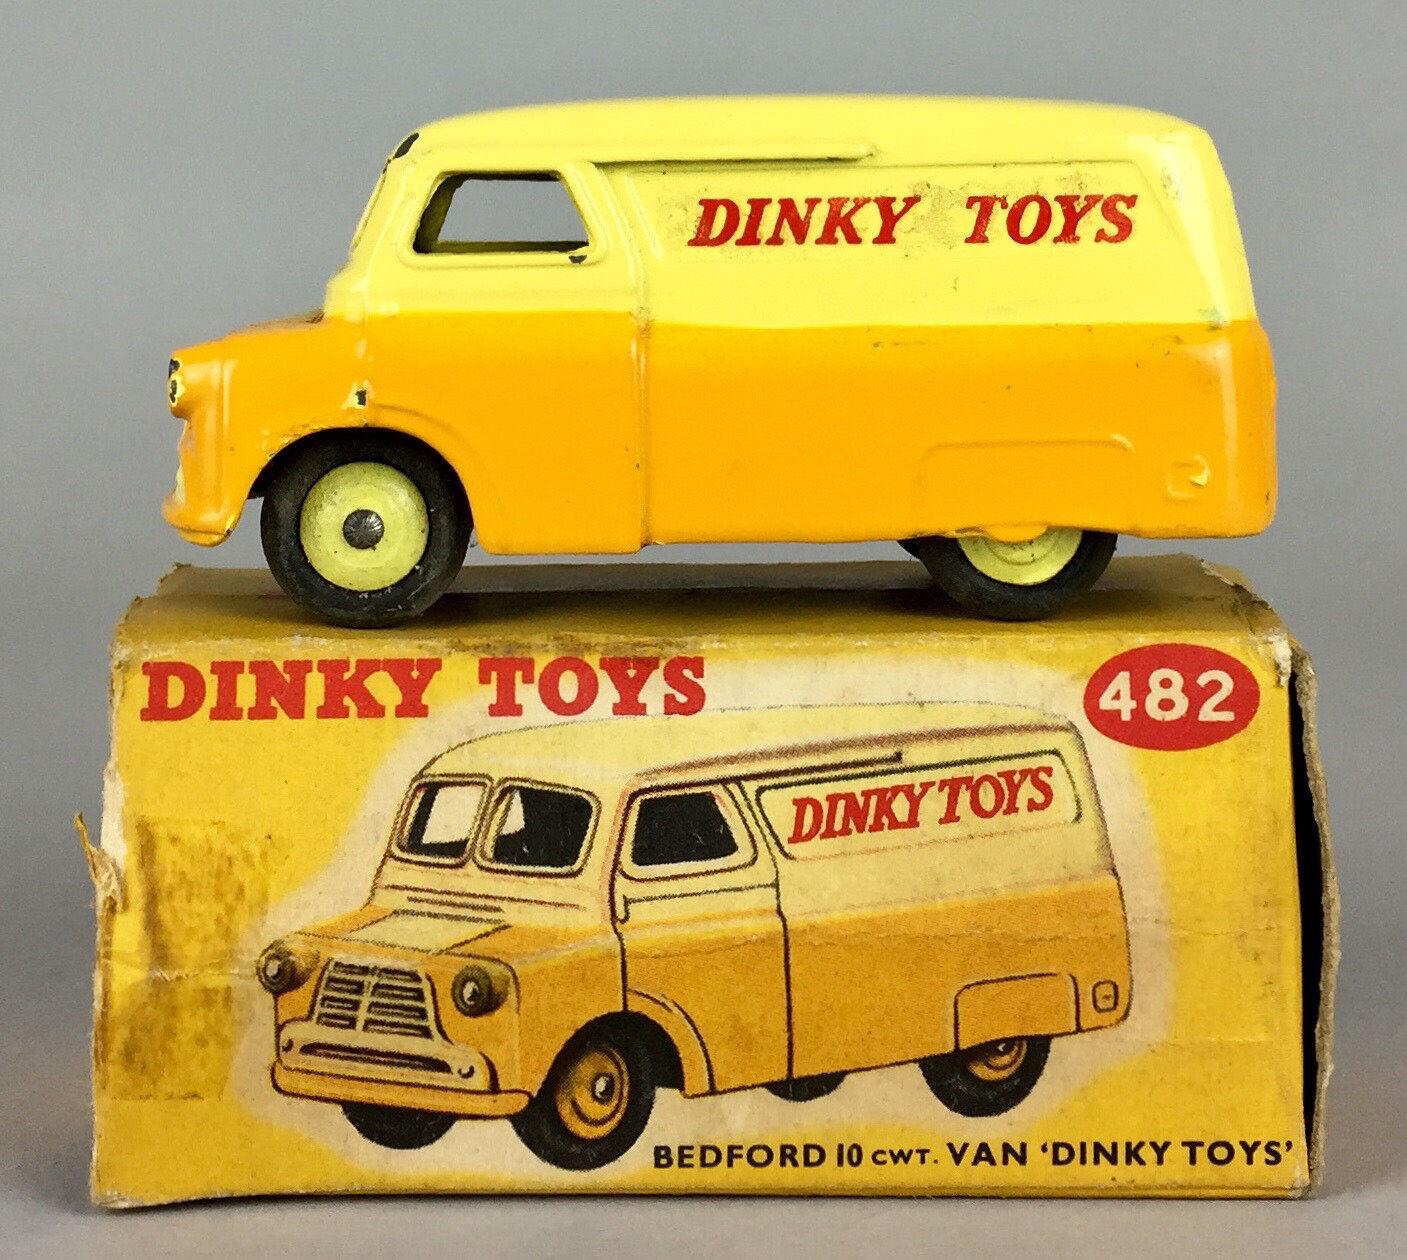 Toys 10cwt Modèle Collectionneurs Bedford Tone No Voiture 2 Dinky 5LS4c3ARqj